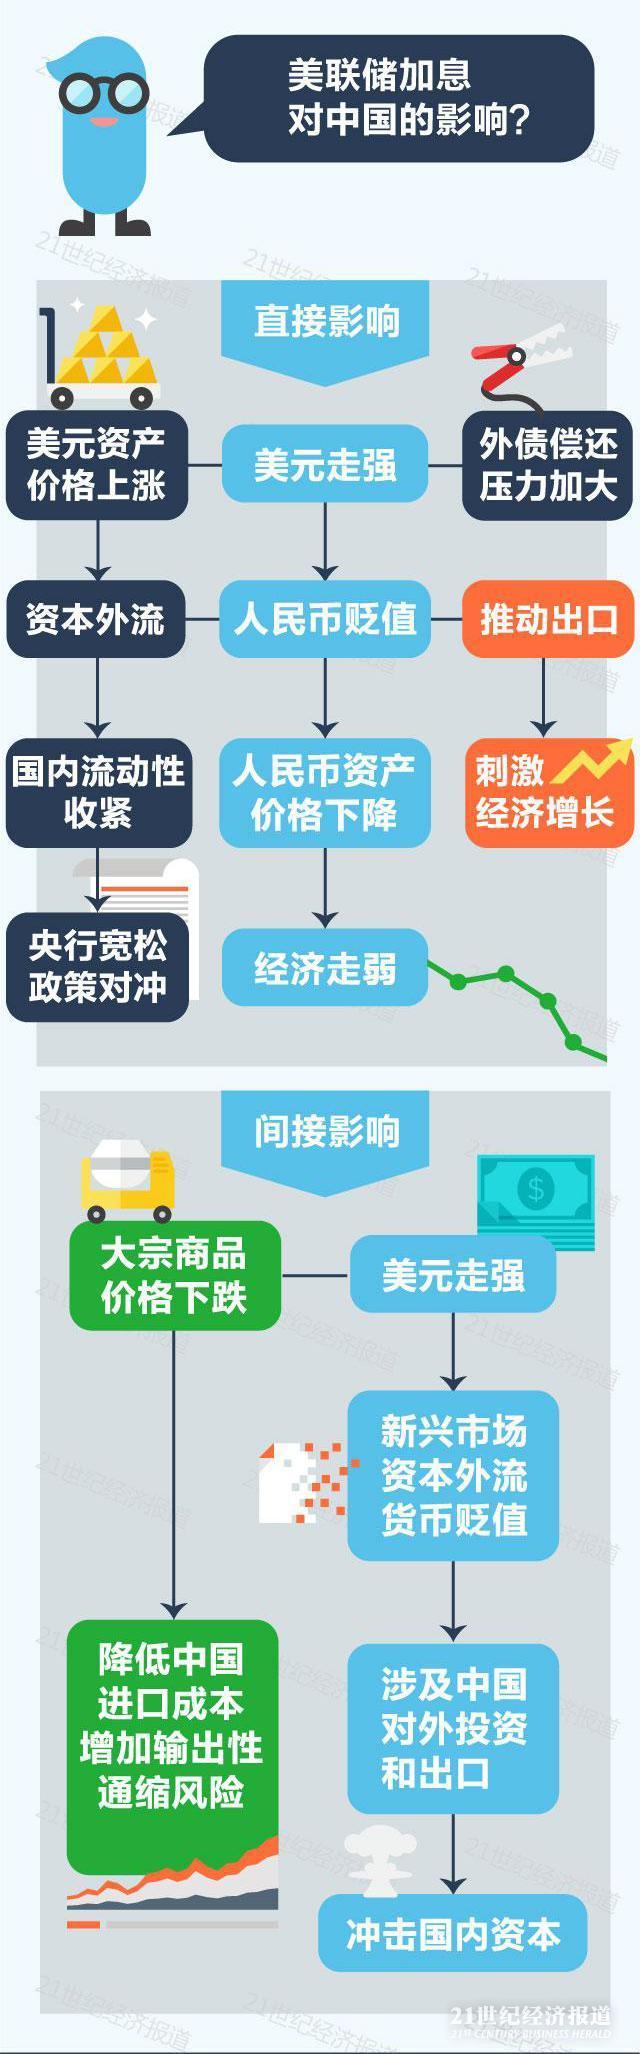 对中国影响.jpg